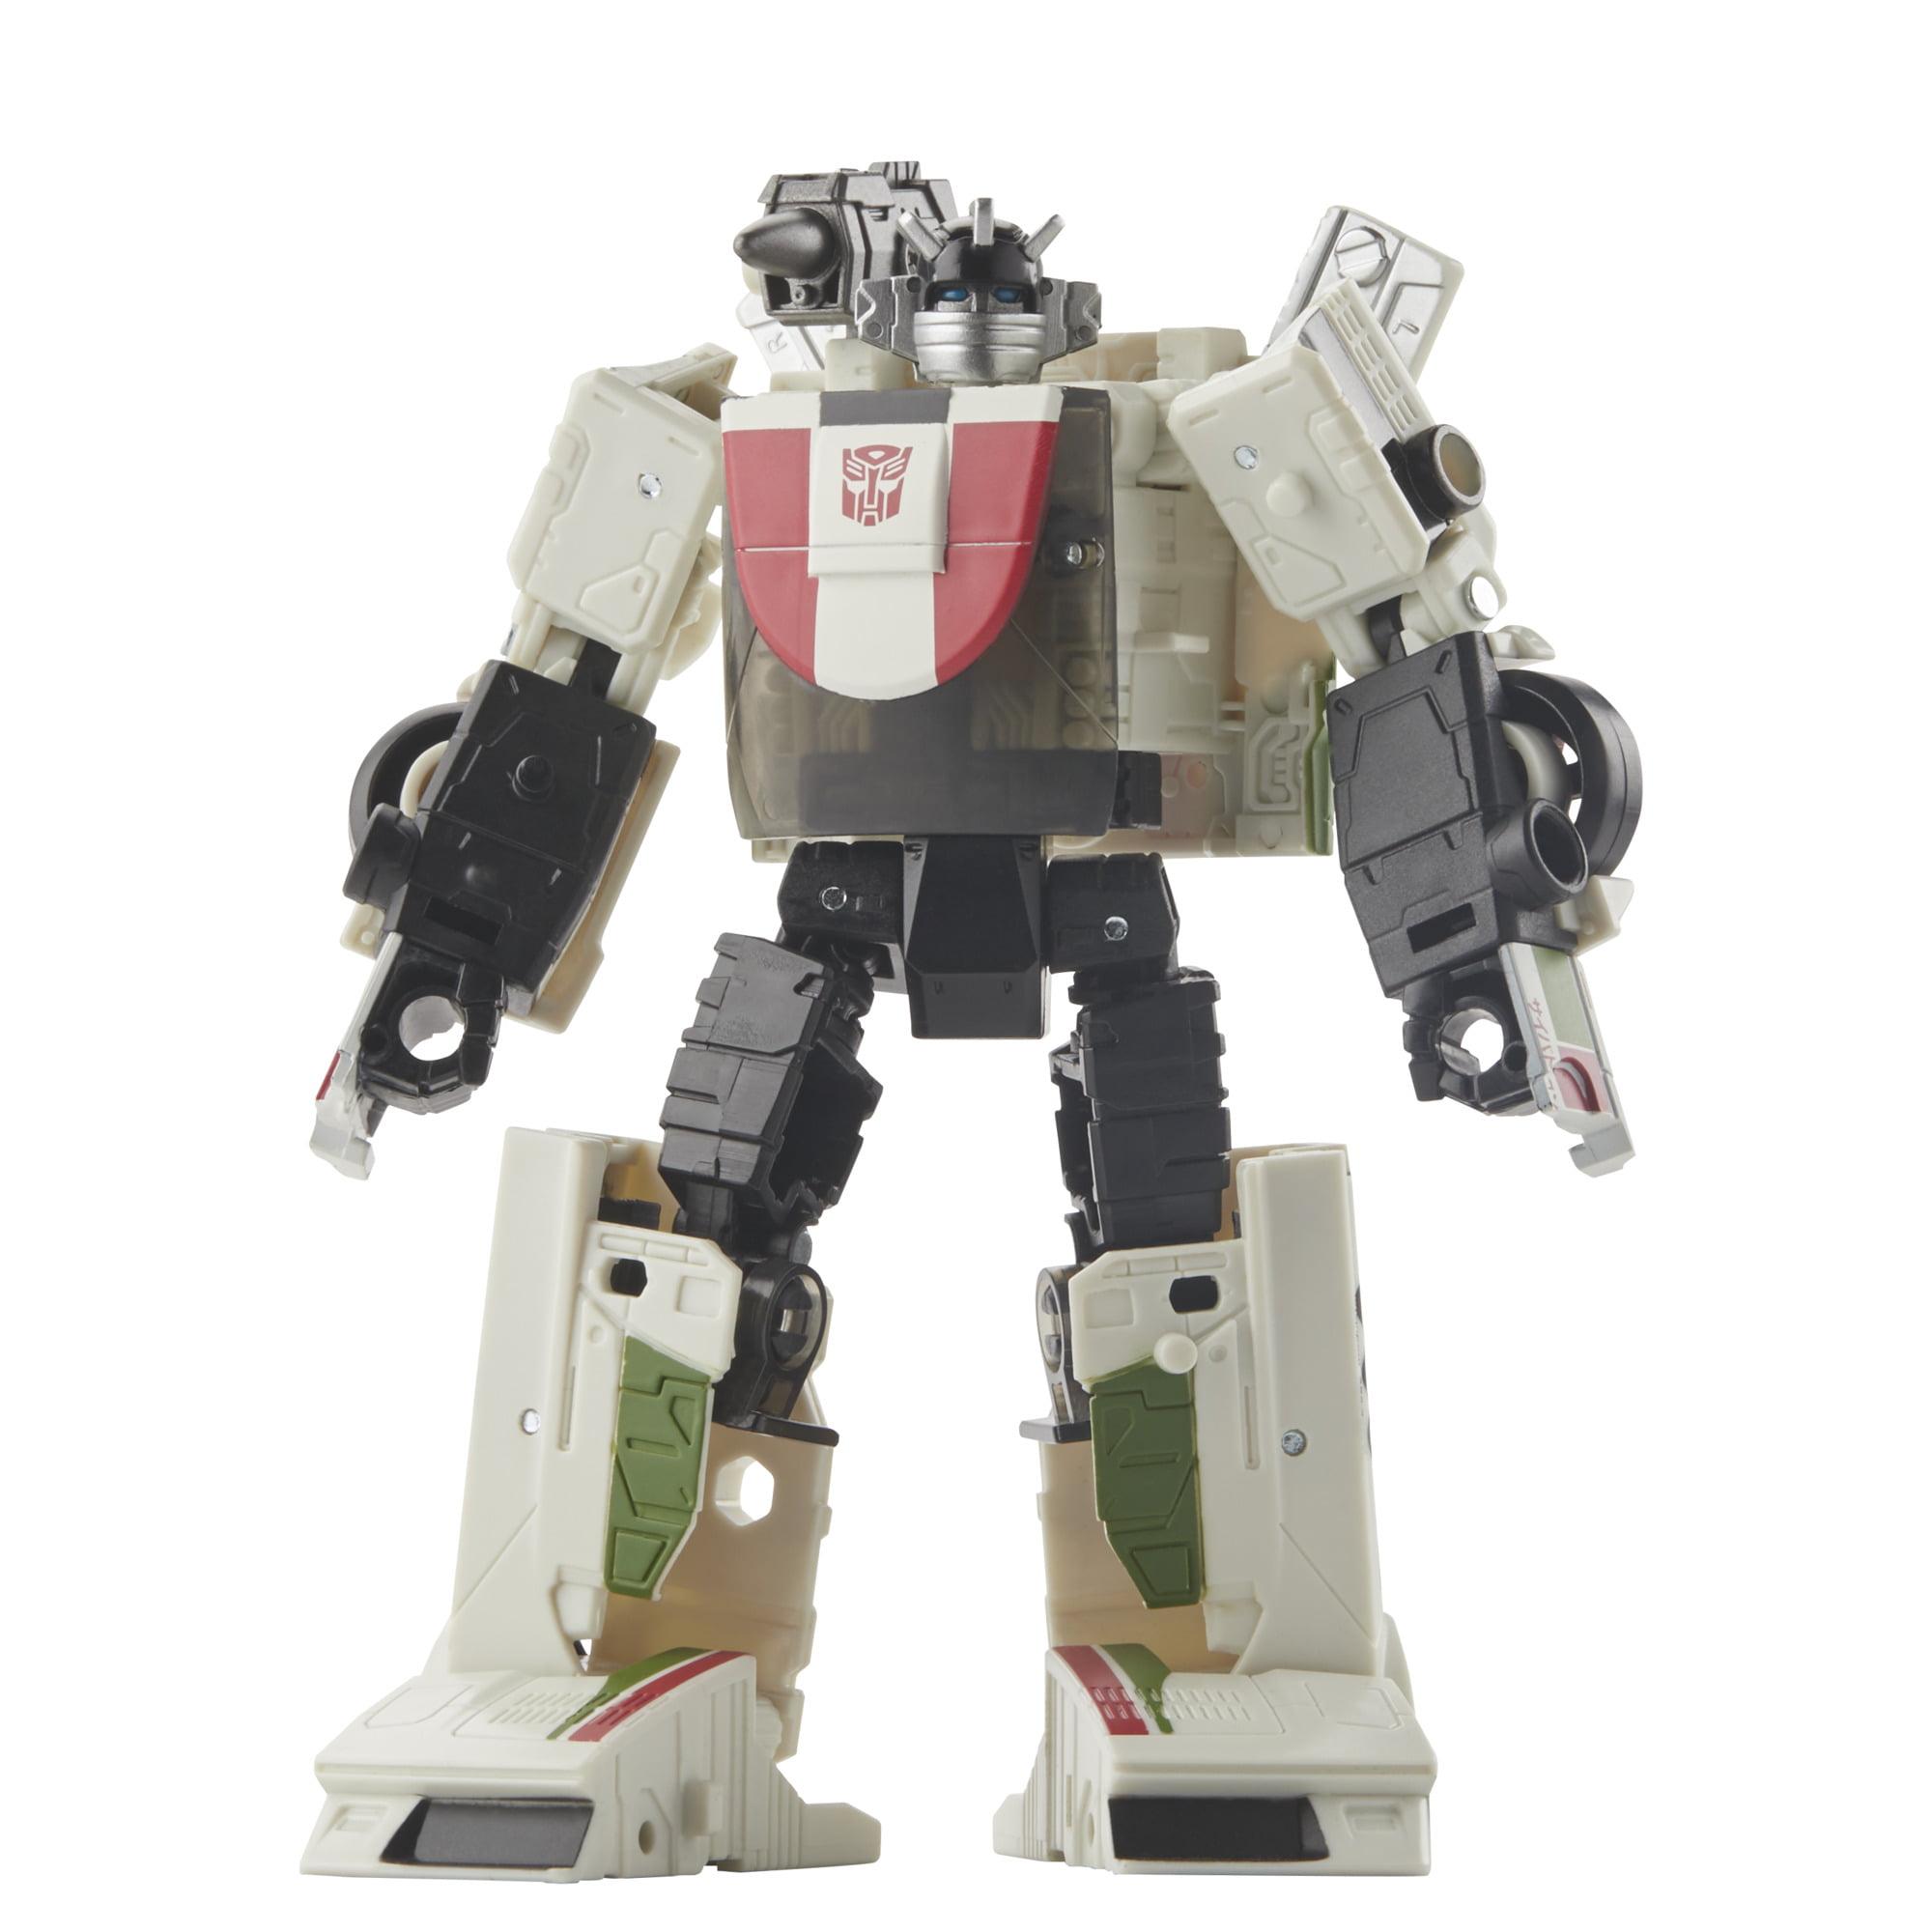 Transformers Siege Earthrise WHEELJACK Deluxe Class War For Cybertron NIB